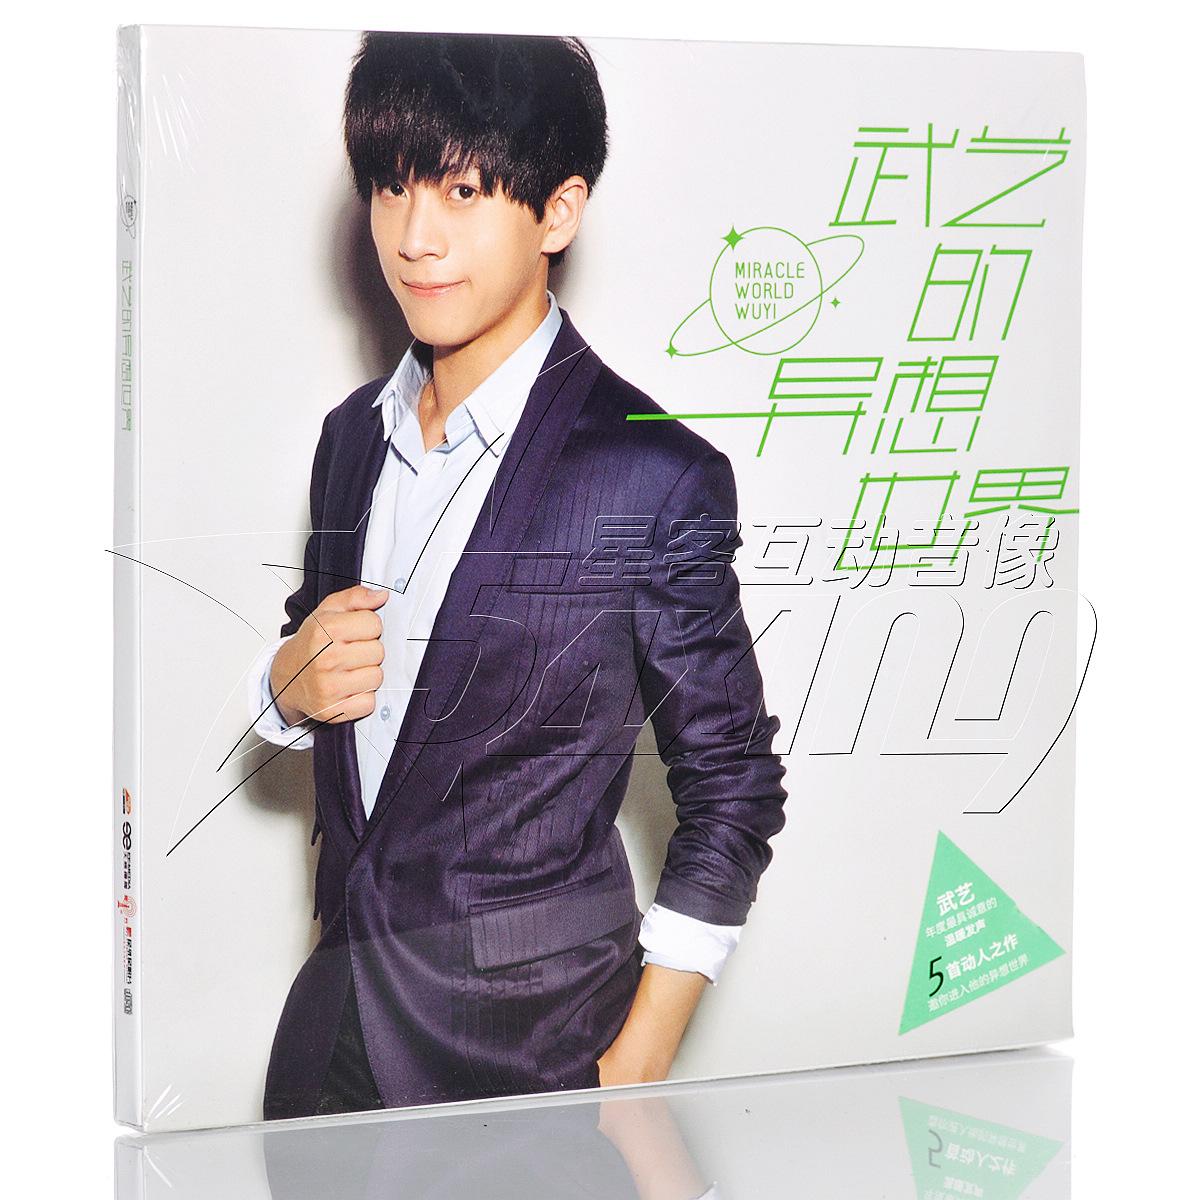 【正版现货】武艺:武艺的异想世界 2013新专辑 CD